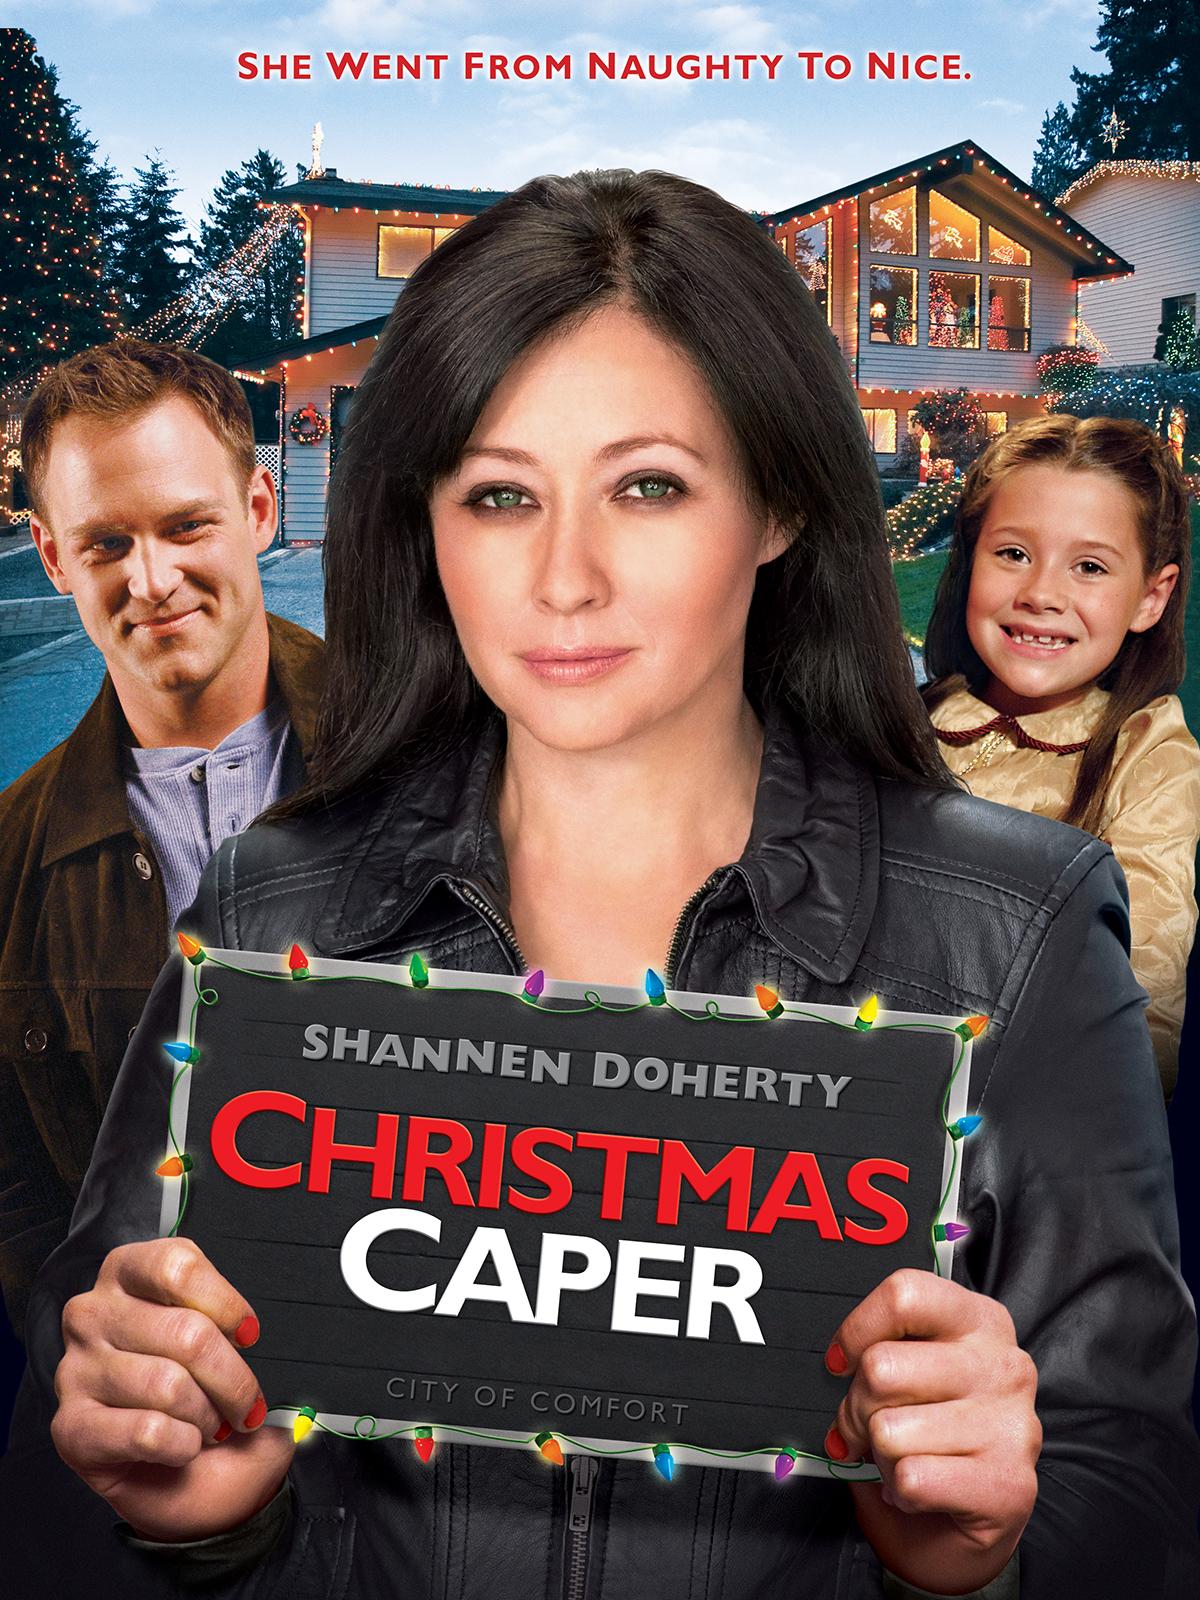 Here-ChristmasCaper-Full-Image-en-US.jpg